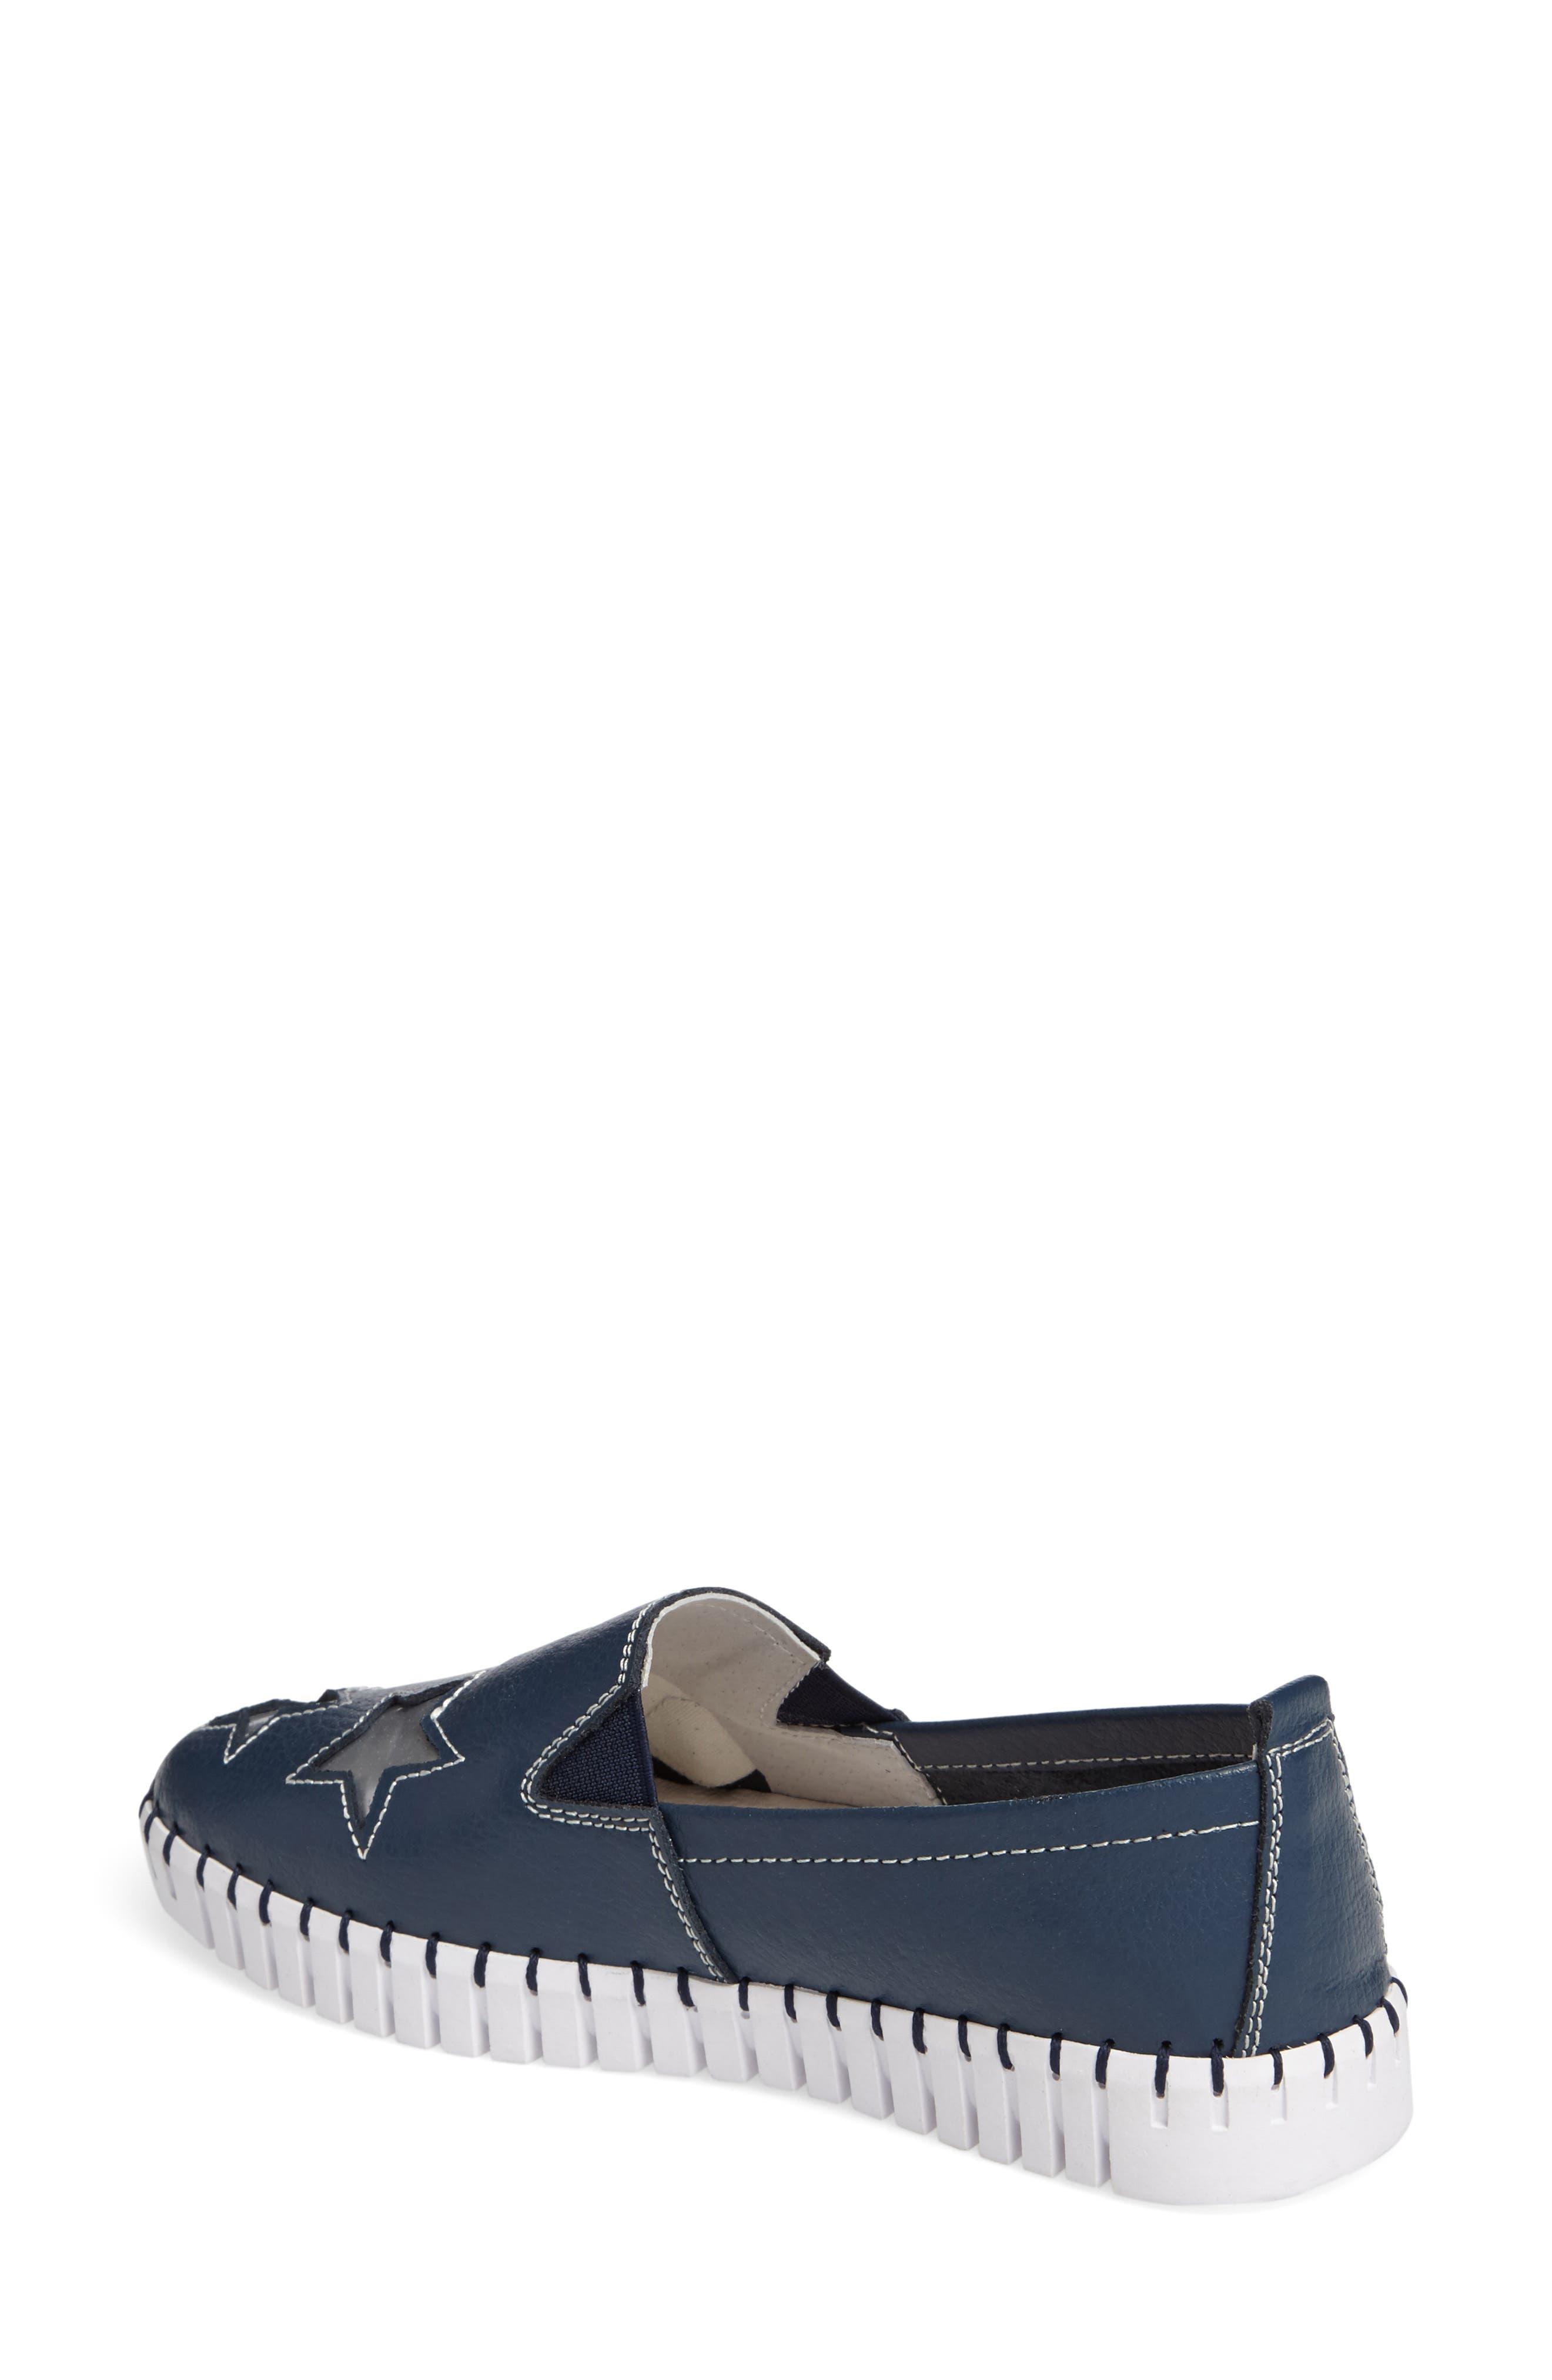 TW37 Slip-On Sneaker,                             Alternate thumbnail 2, color,                             NAVY LEATHER